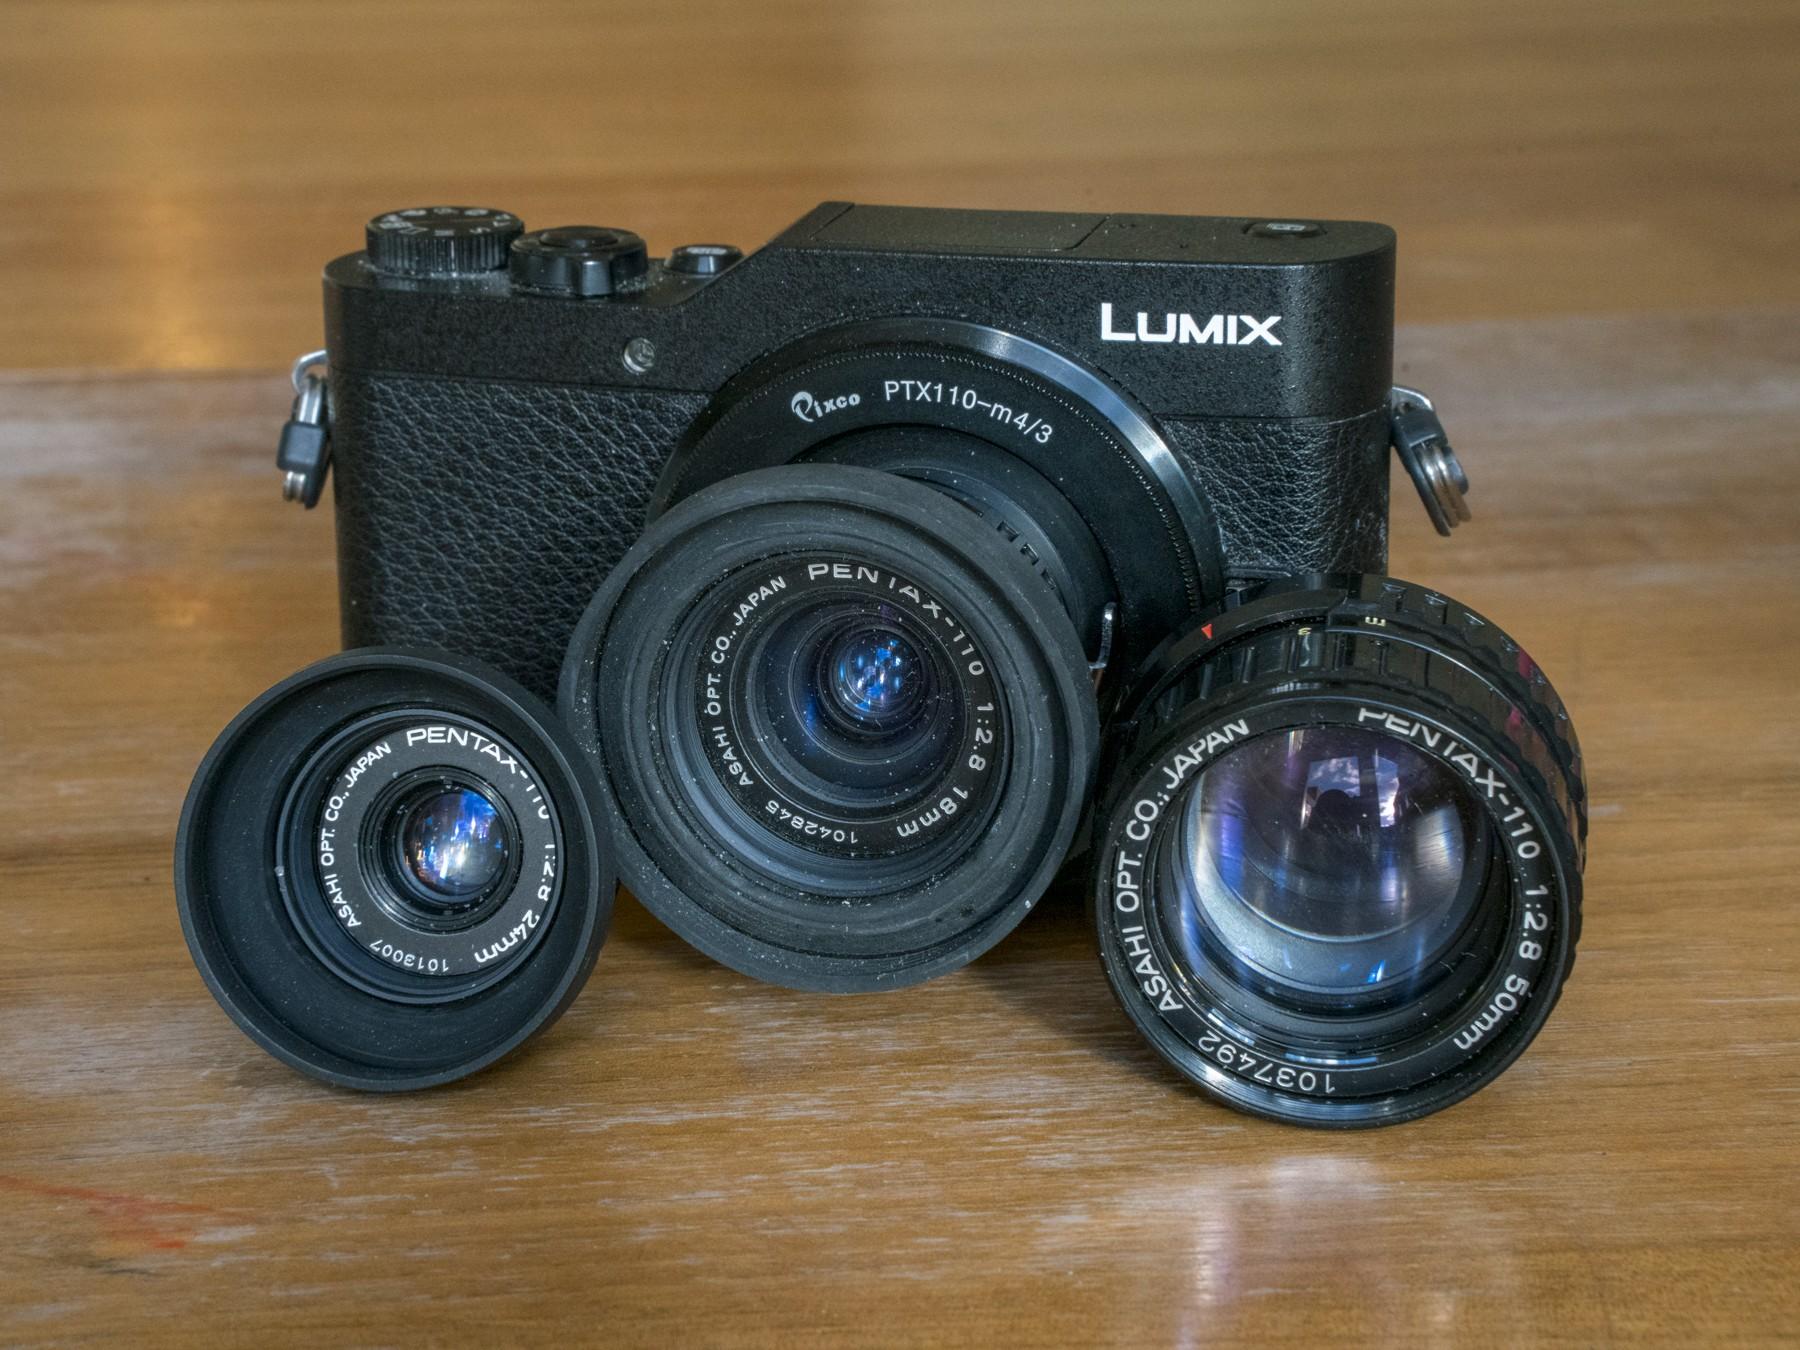 Lumix GX-800 med Pentax 110 objektiver